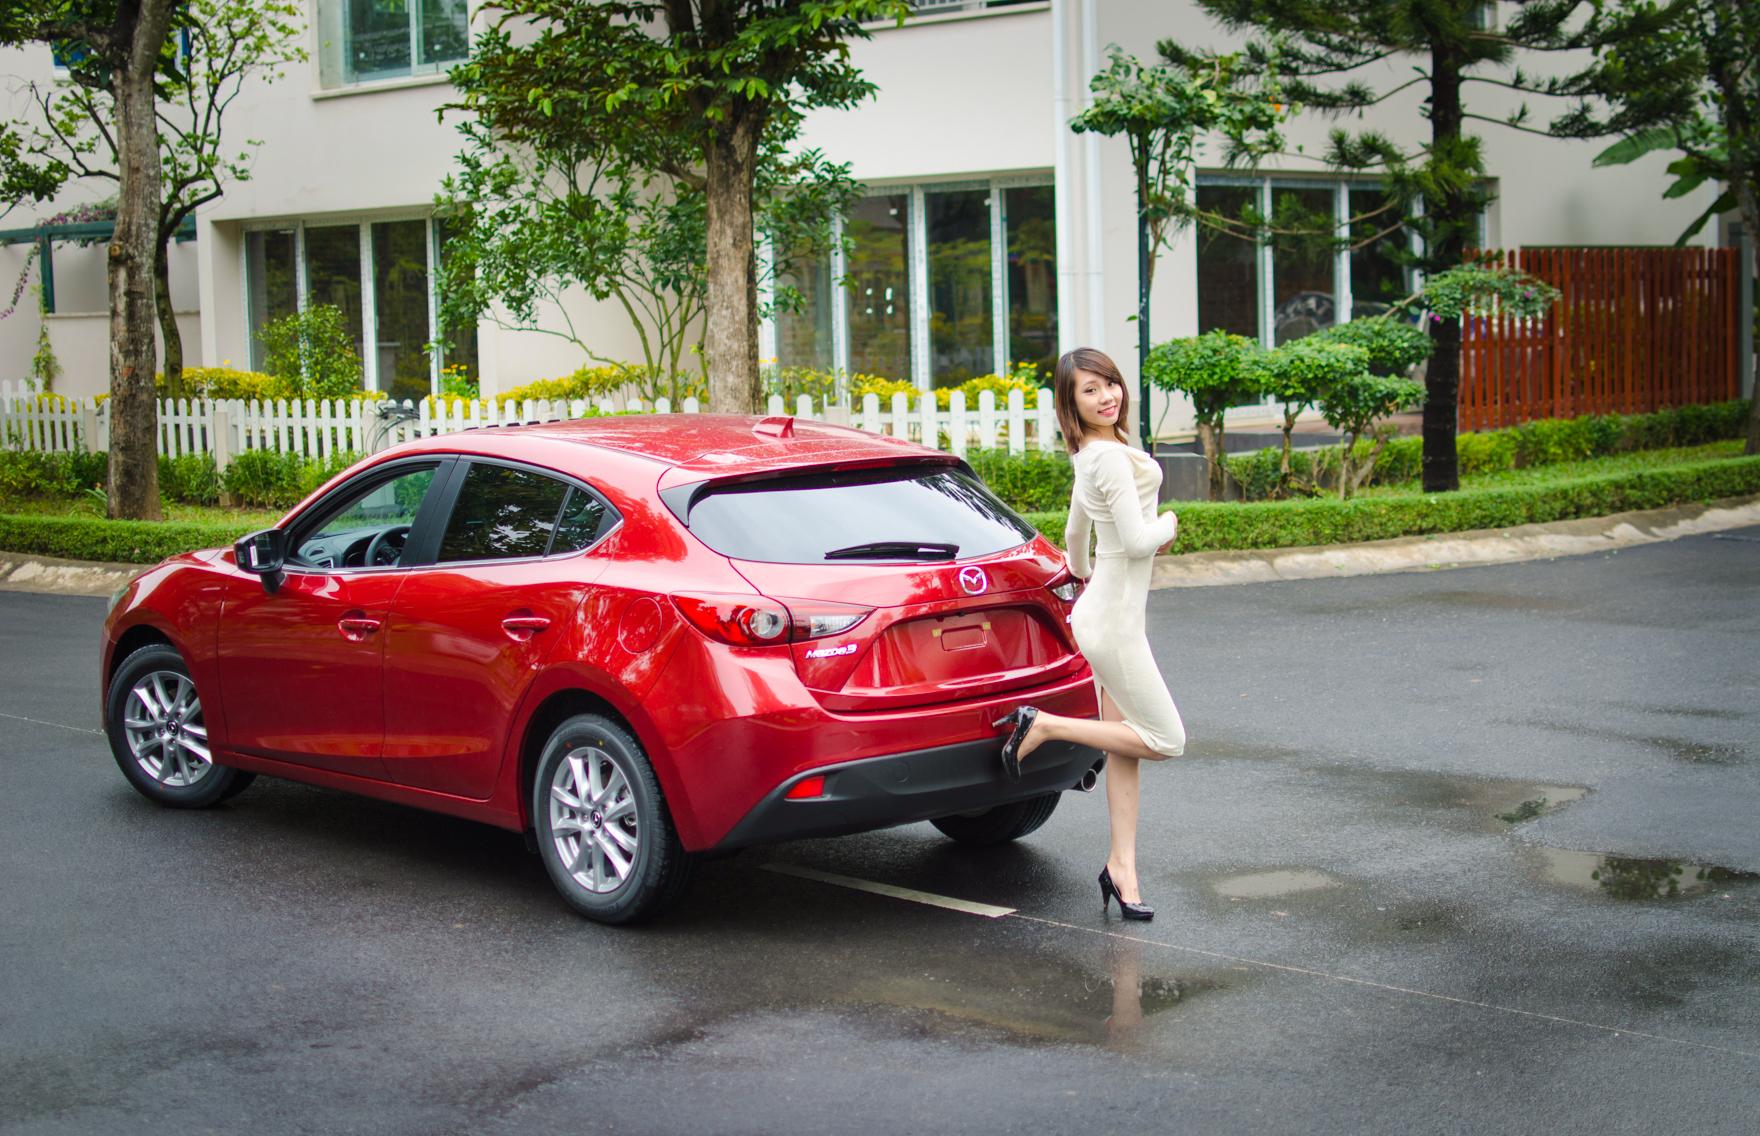 Hình ảnh Đánh giá Mazda 3 2015 Hatchback số 3